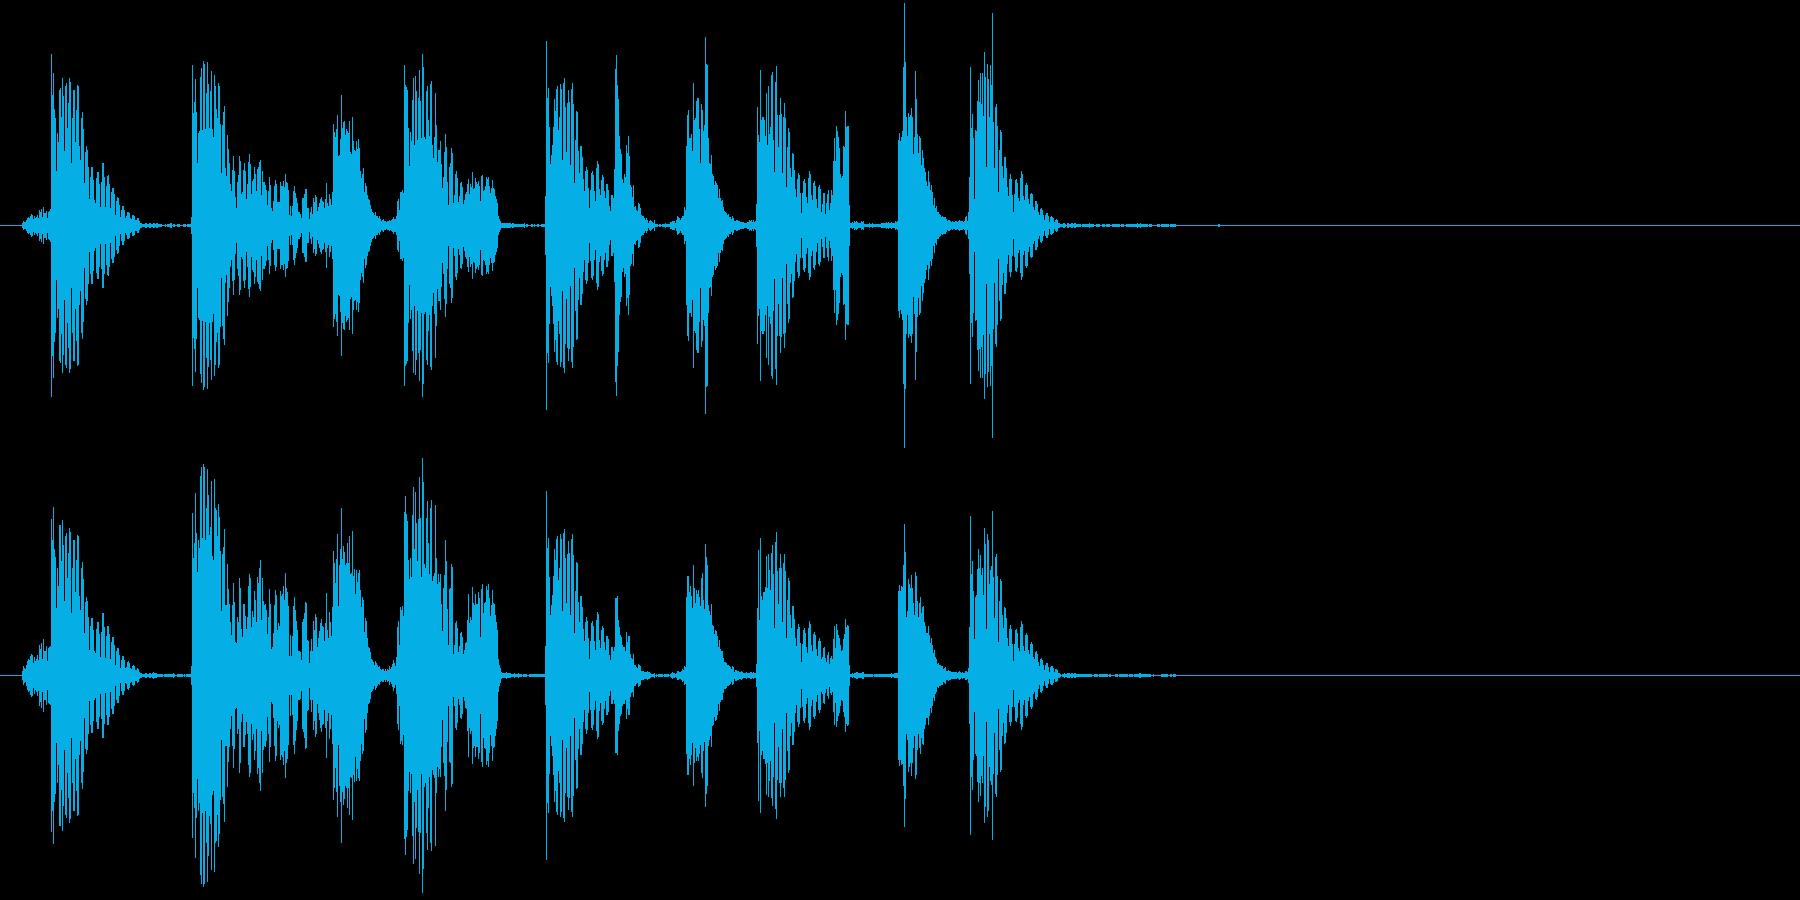 歯切れの良いスクラッチ音で場面を展開の再生済みの波形